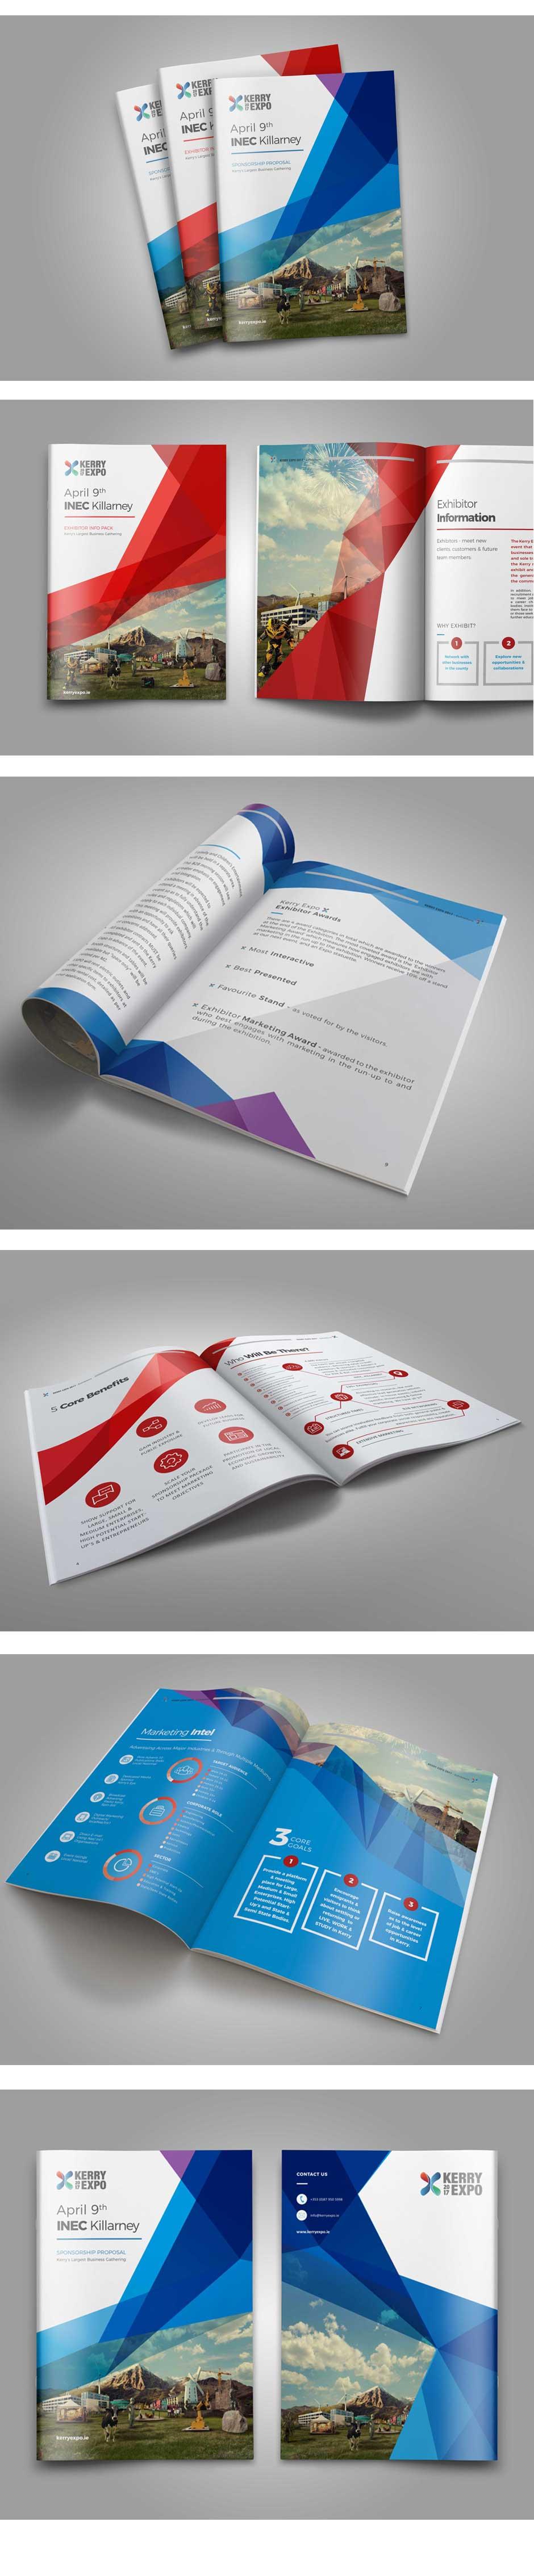 kerry expo design